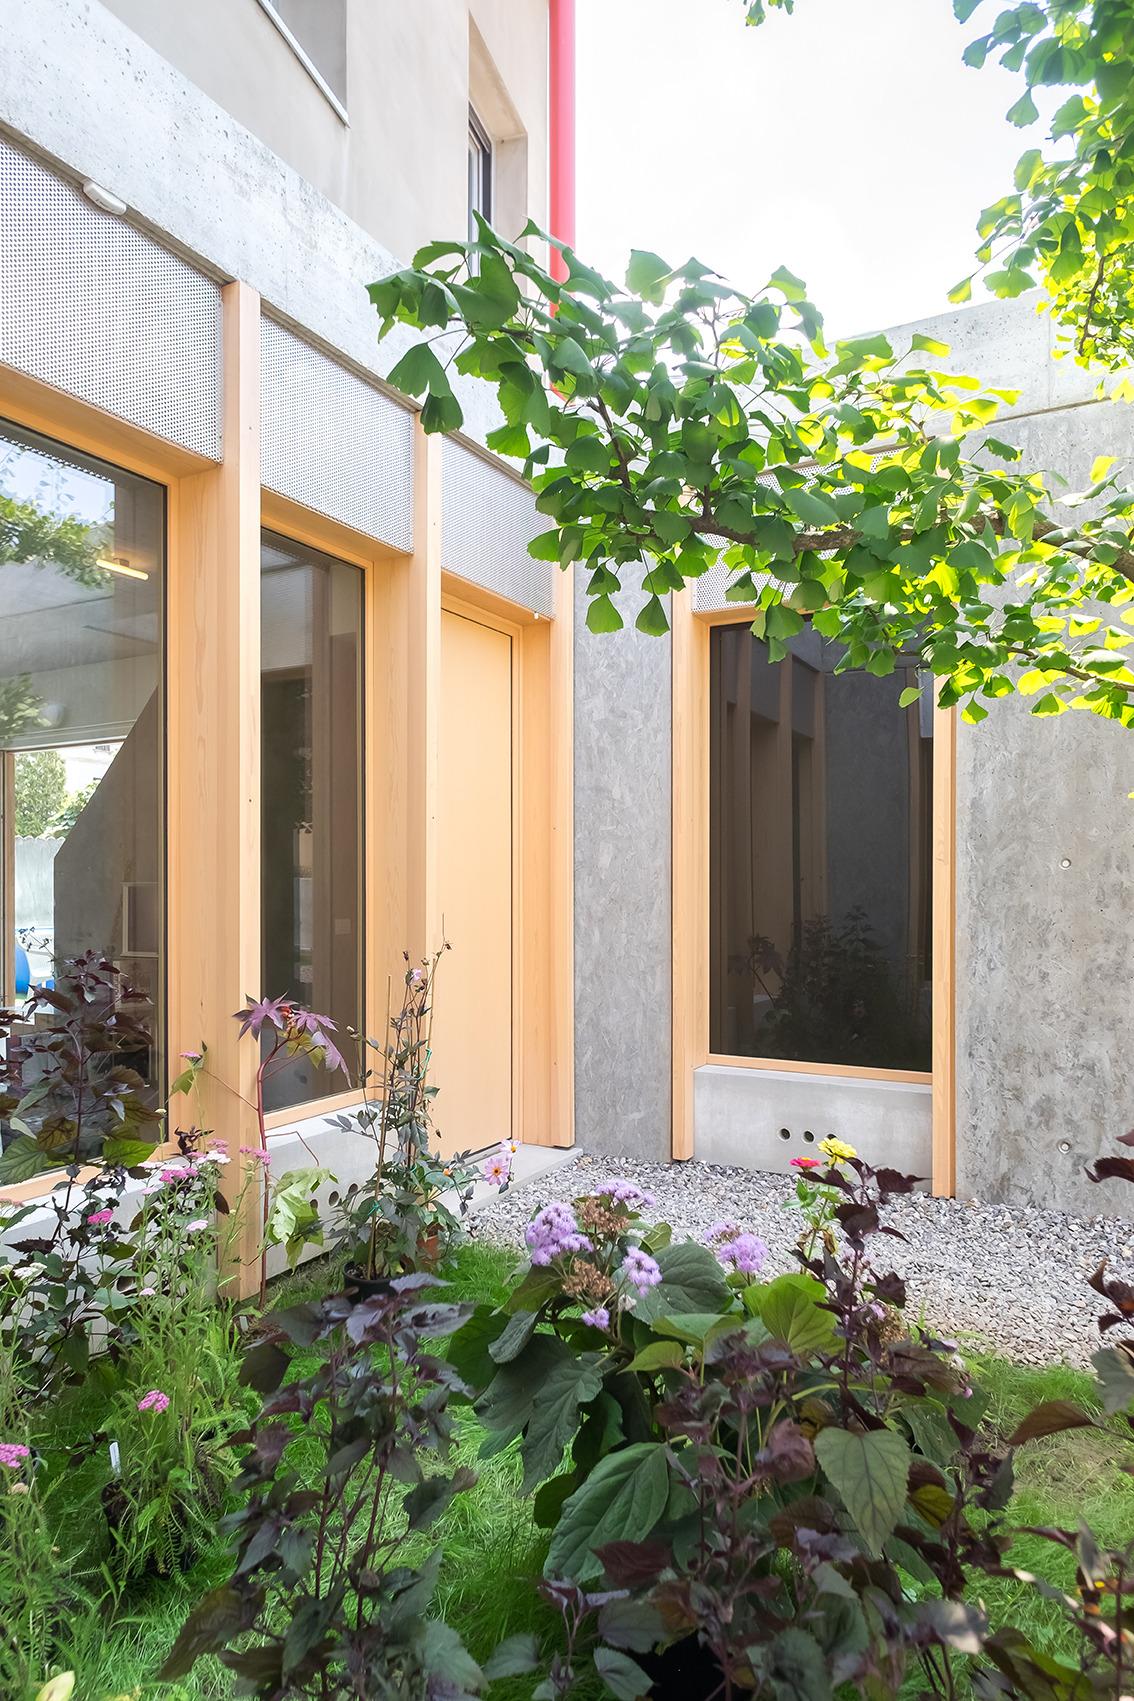 Come Recintare Un Giardino fgn house | oasi architects